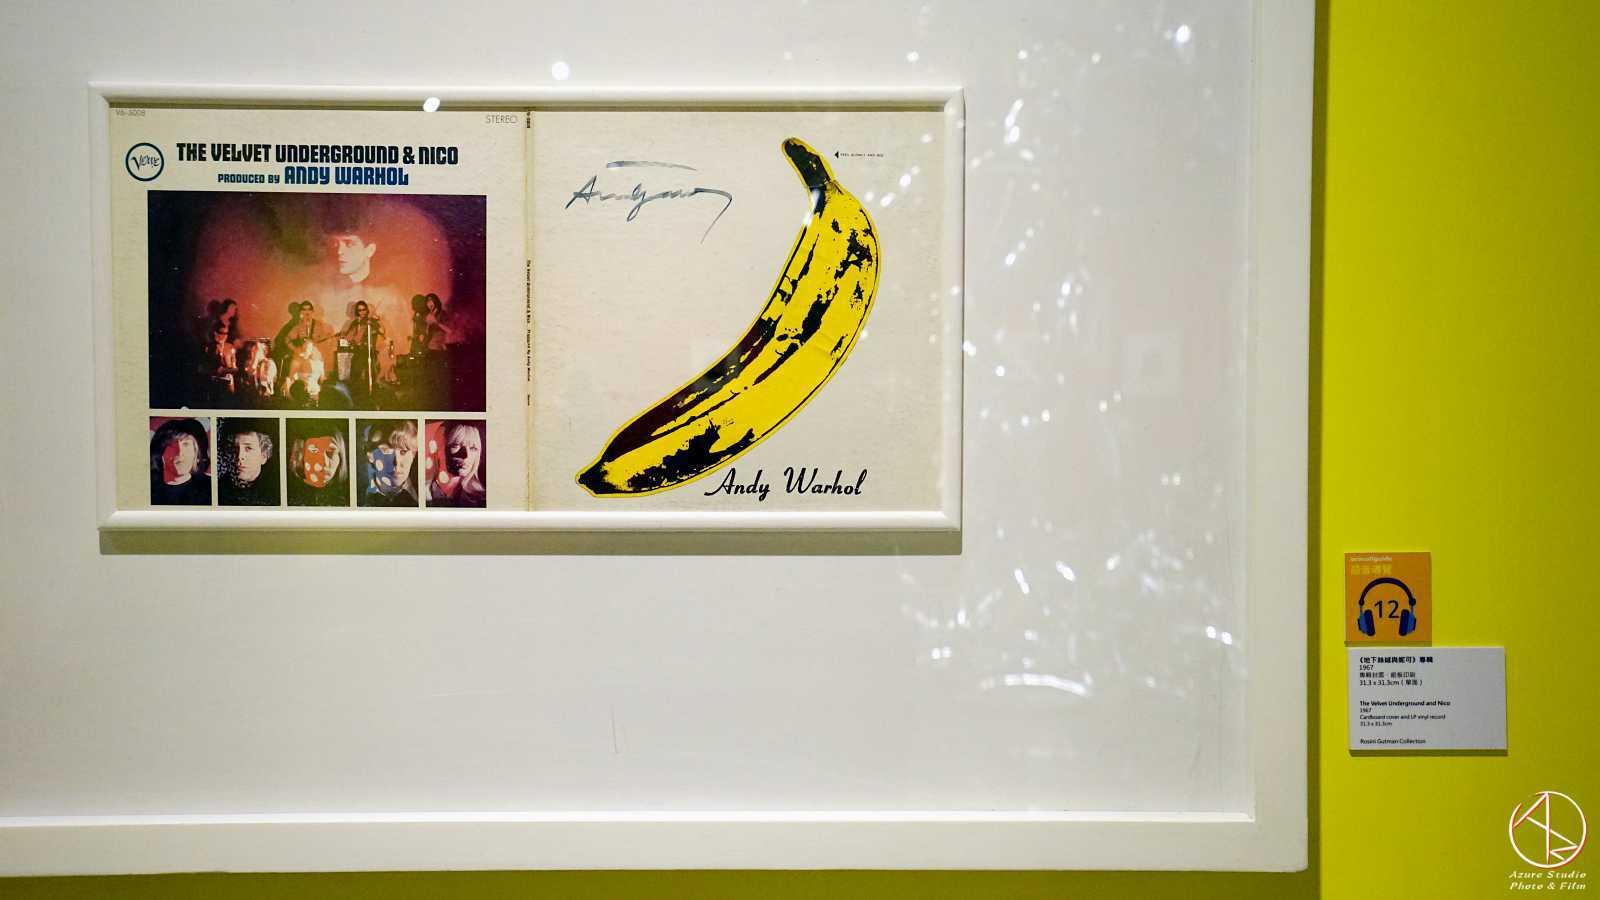 安迪沃荷普普狂想特展,看展心得,必看重點,香蕉專輯封面創作